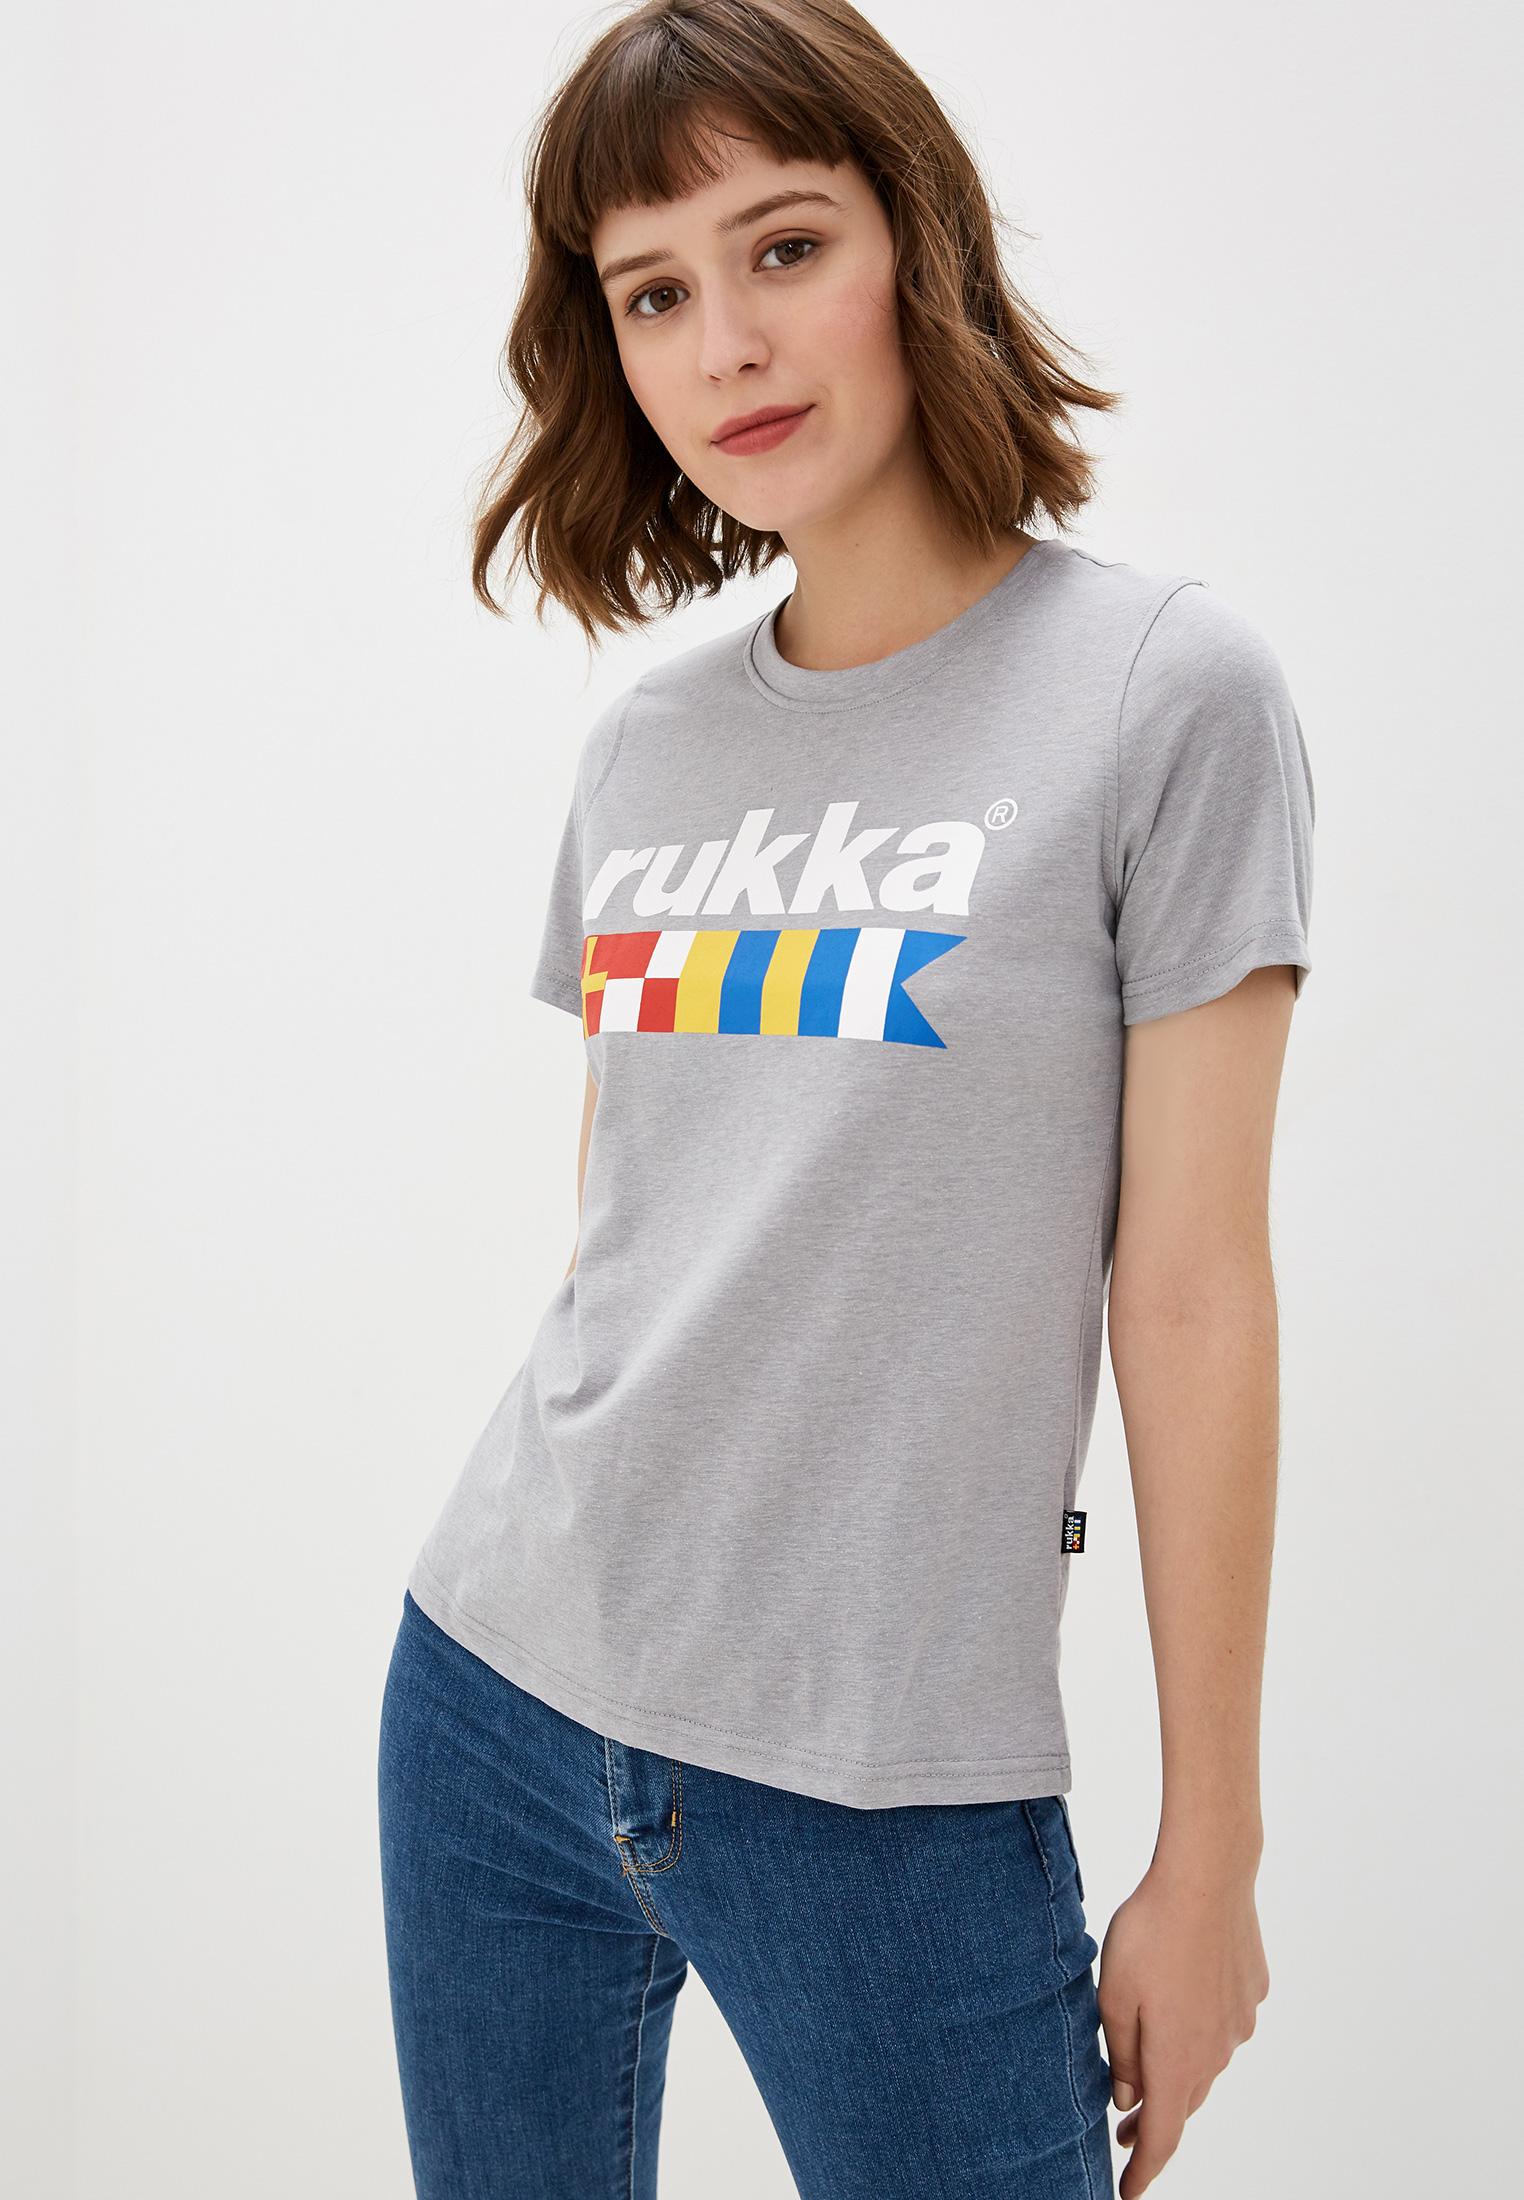 Футболка Rukka (Рукка) 470465215RV